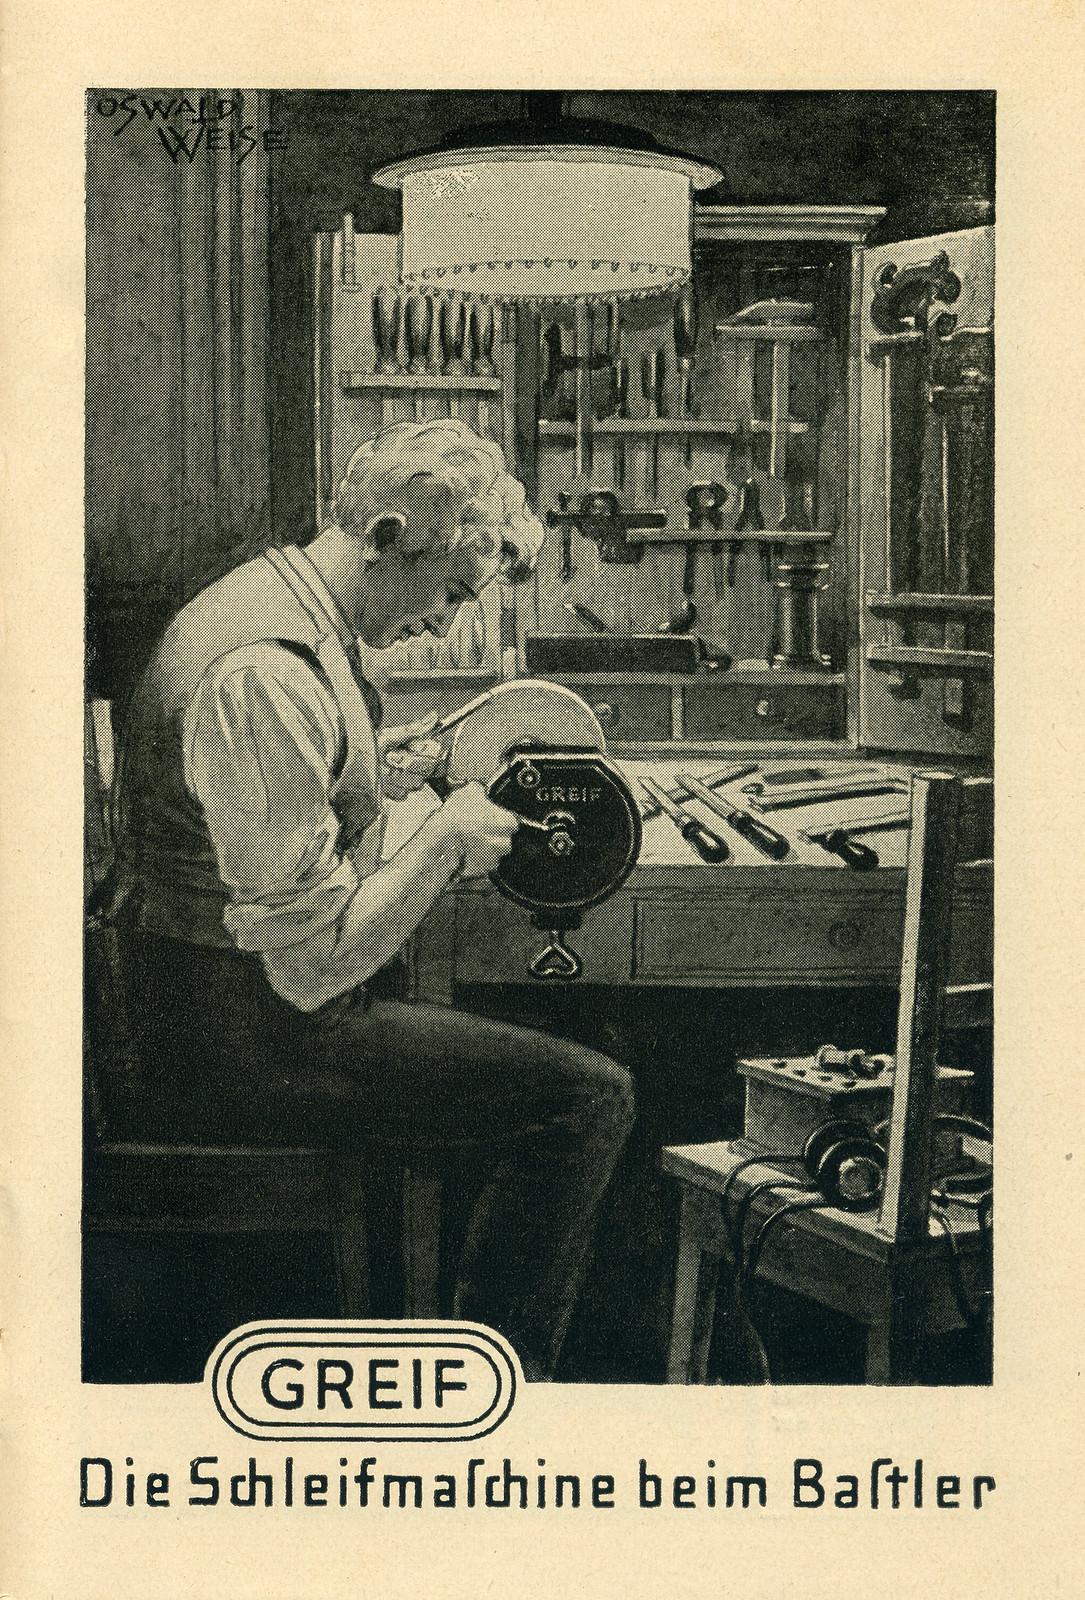 Werbeheftchen für Greif Schleifmaschinen, Bild 10